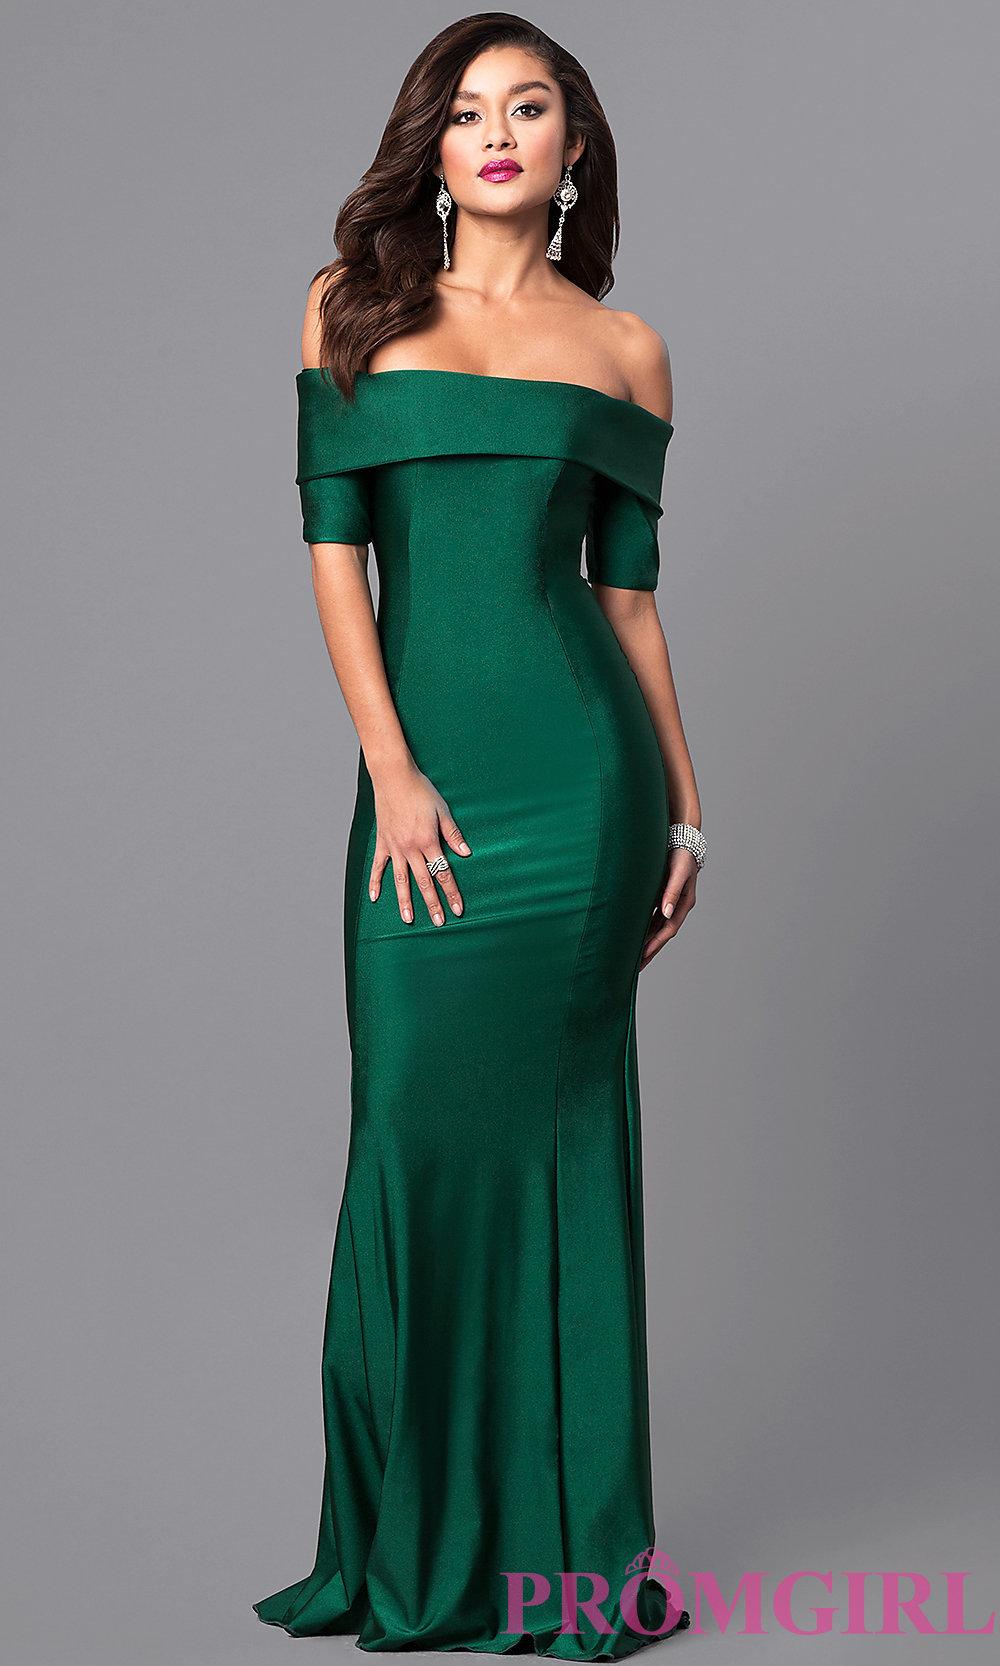 long formal dresses loved! ivavxlo